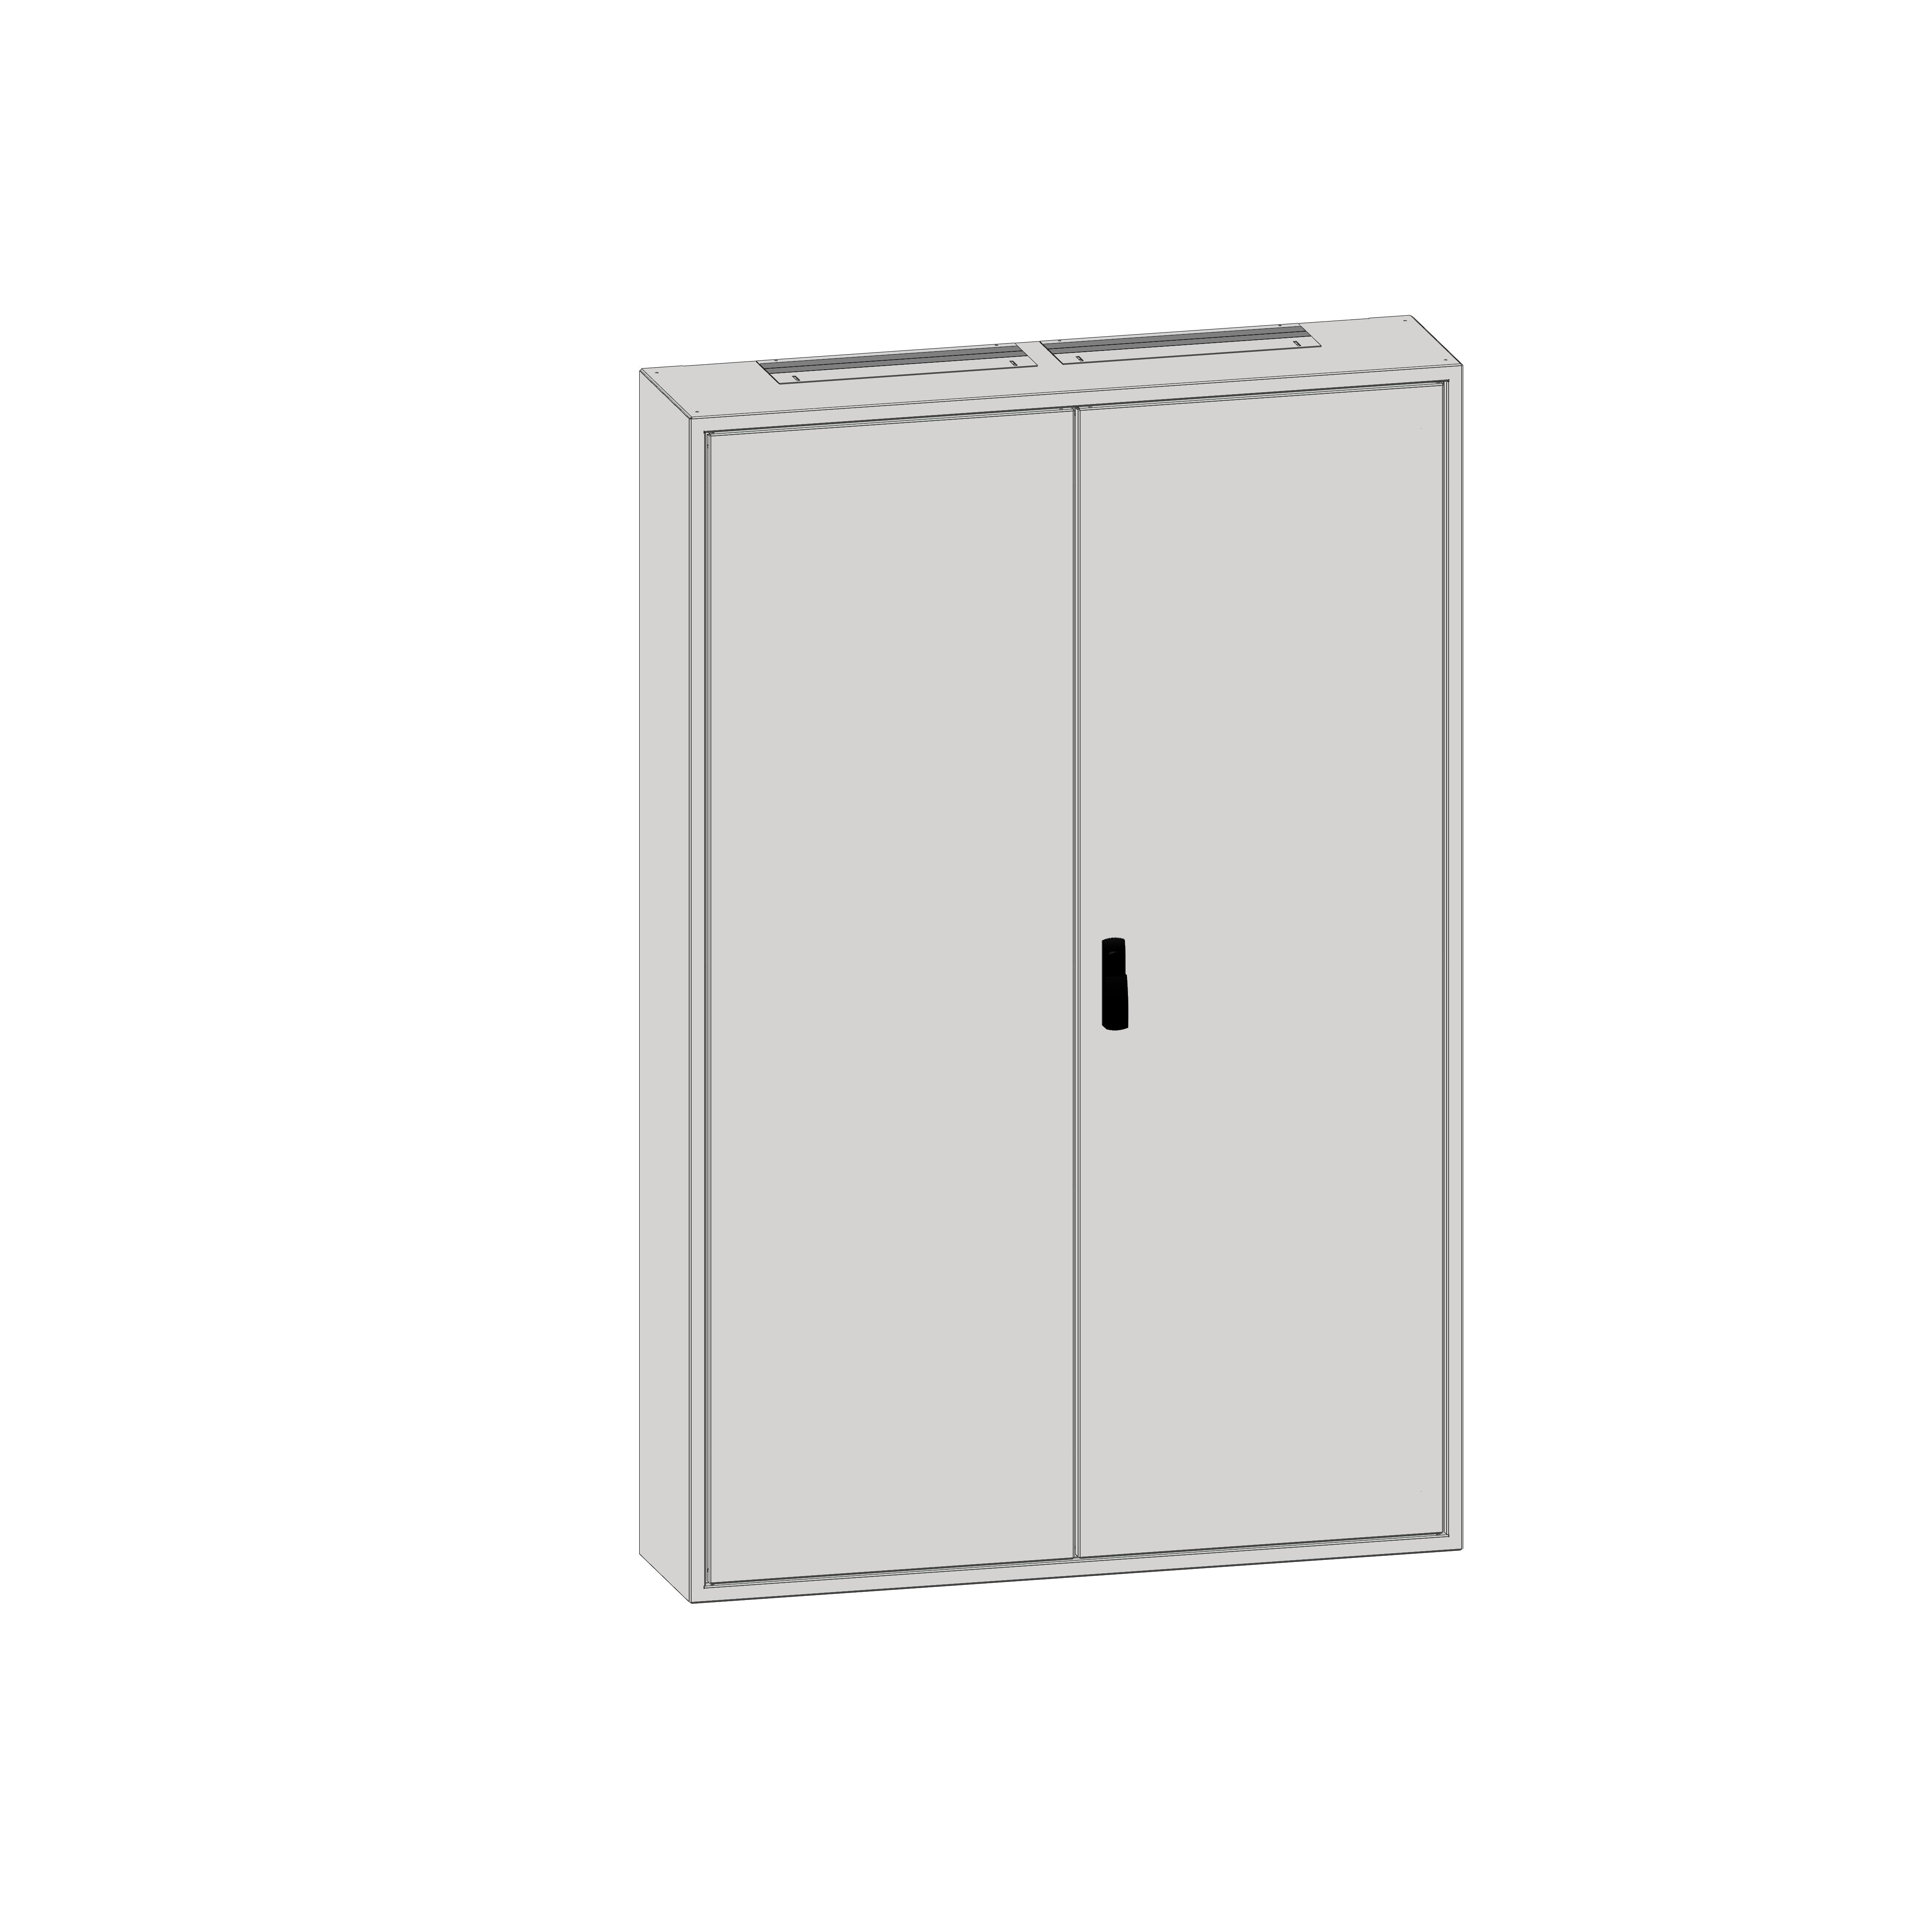 1 Stk Aufputz-Rahmen 5A-45 mit Türe, Rückwand und Schwenkhebel IL036545-F